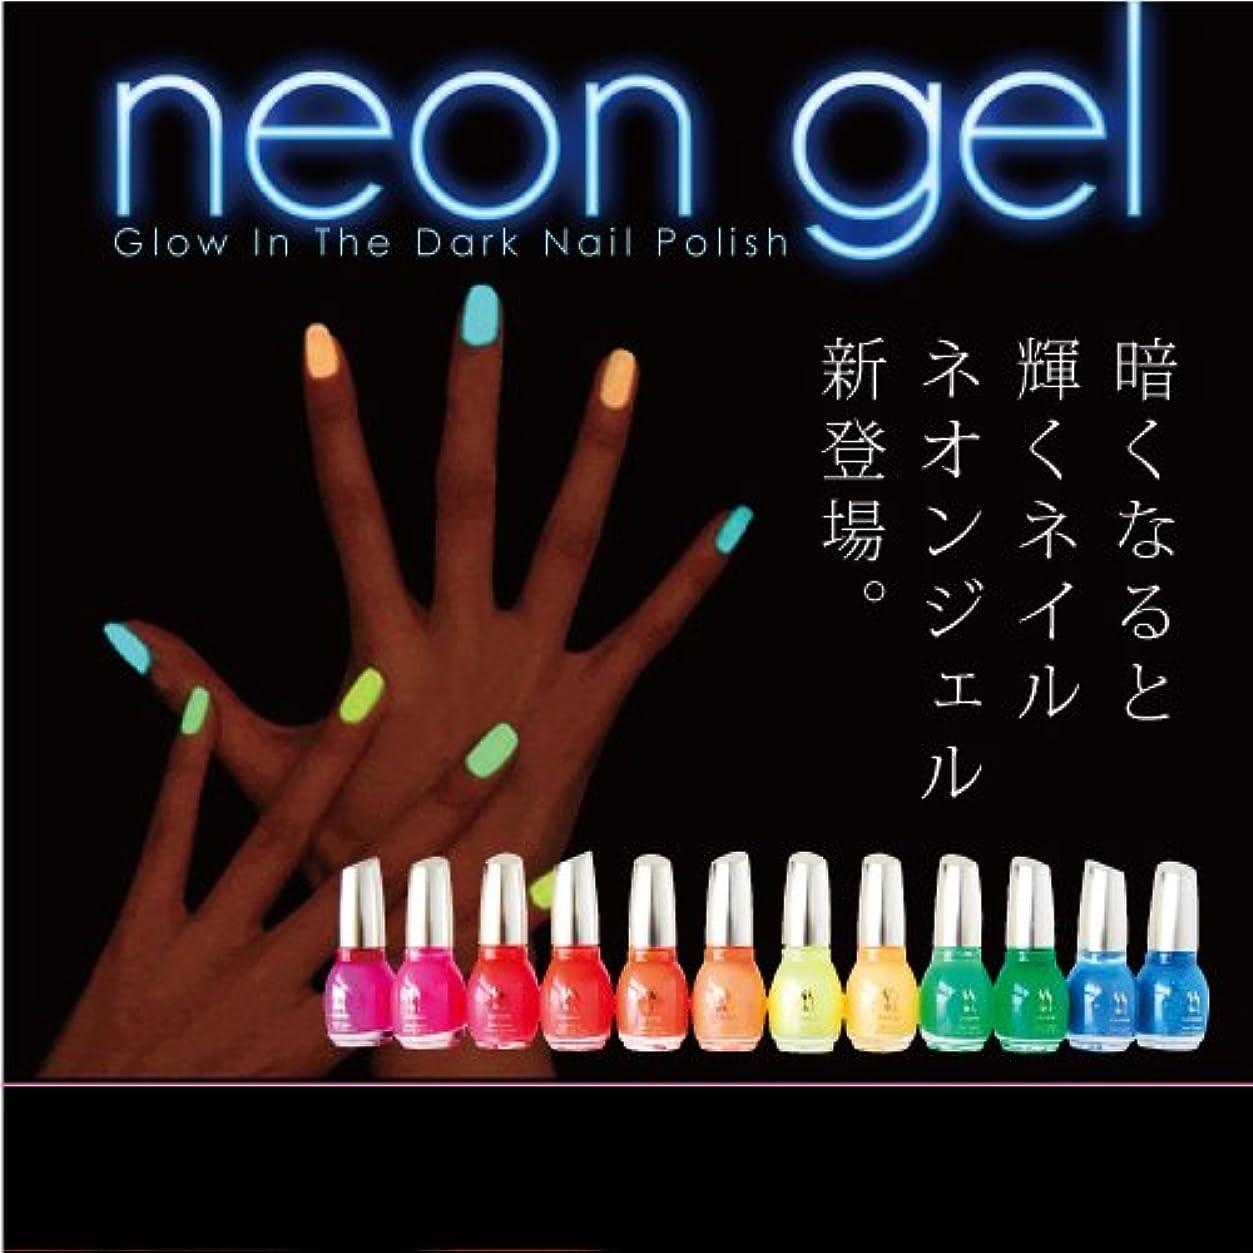 平日乗ってステージNeon Gel -Glow In The Dark- 蛍光ネイルポリッシュ 15ml カラー:11 レモン [マニキュア ネイルカラー ジェルネイルカラー ネイルポリッシュ SHANTI]